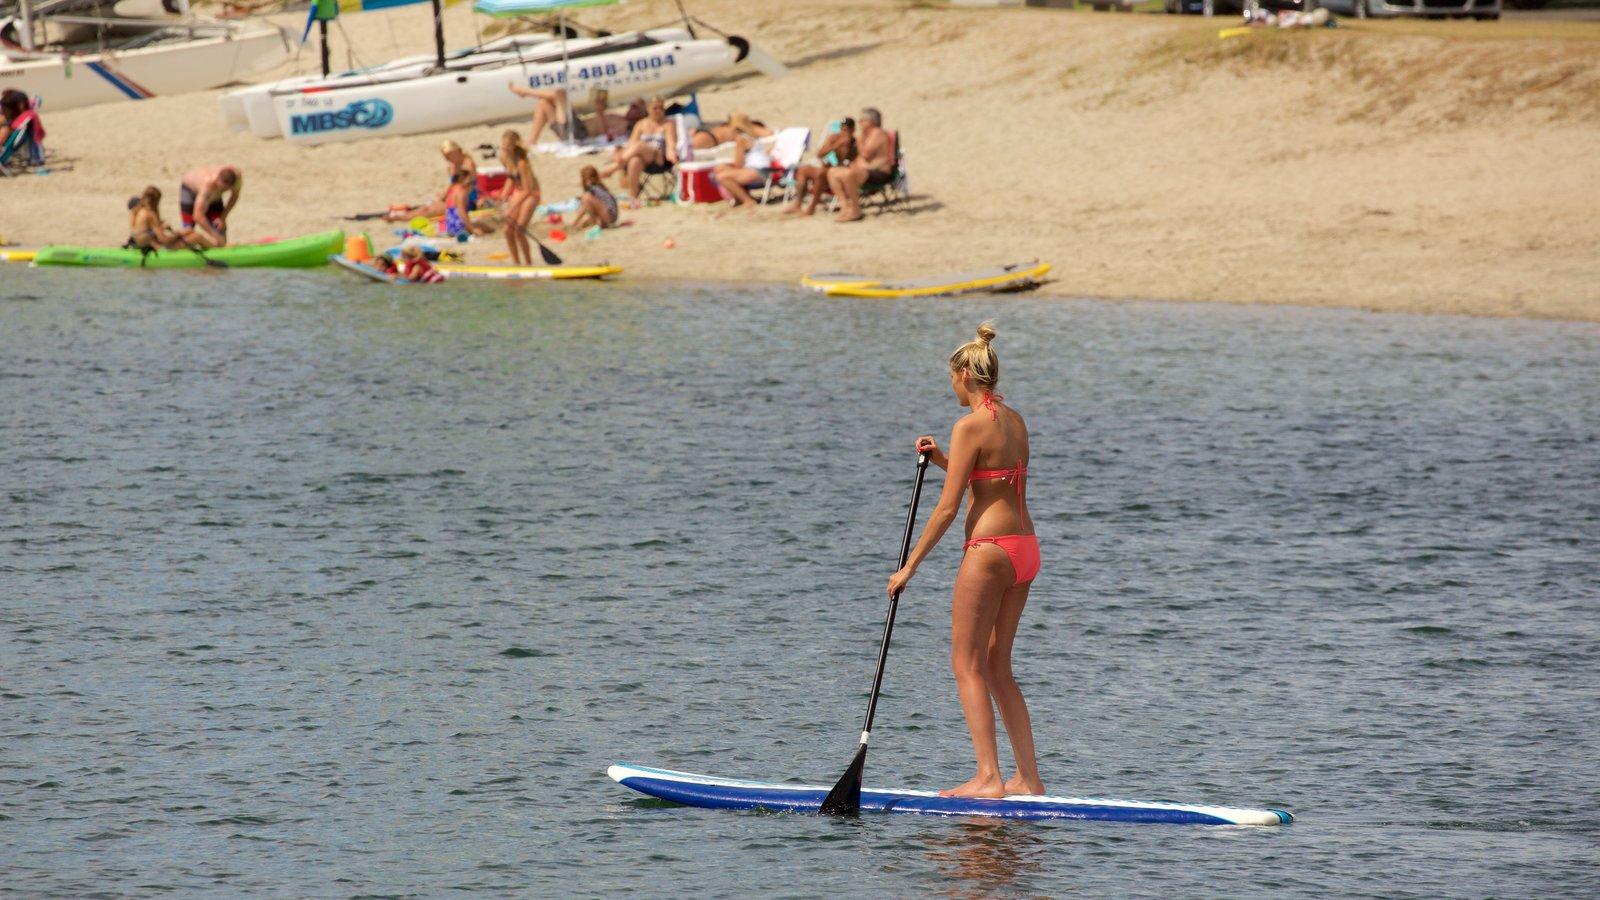 Mission Bay caracterizando esportes aquáticos